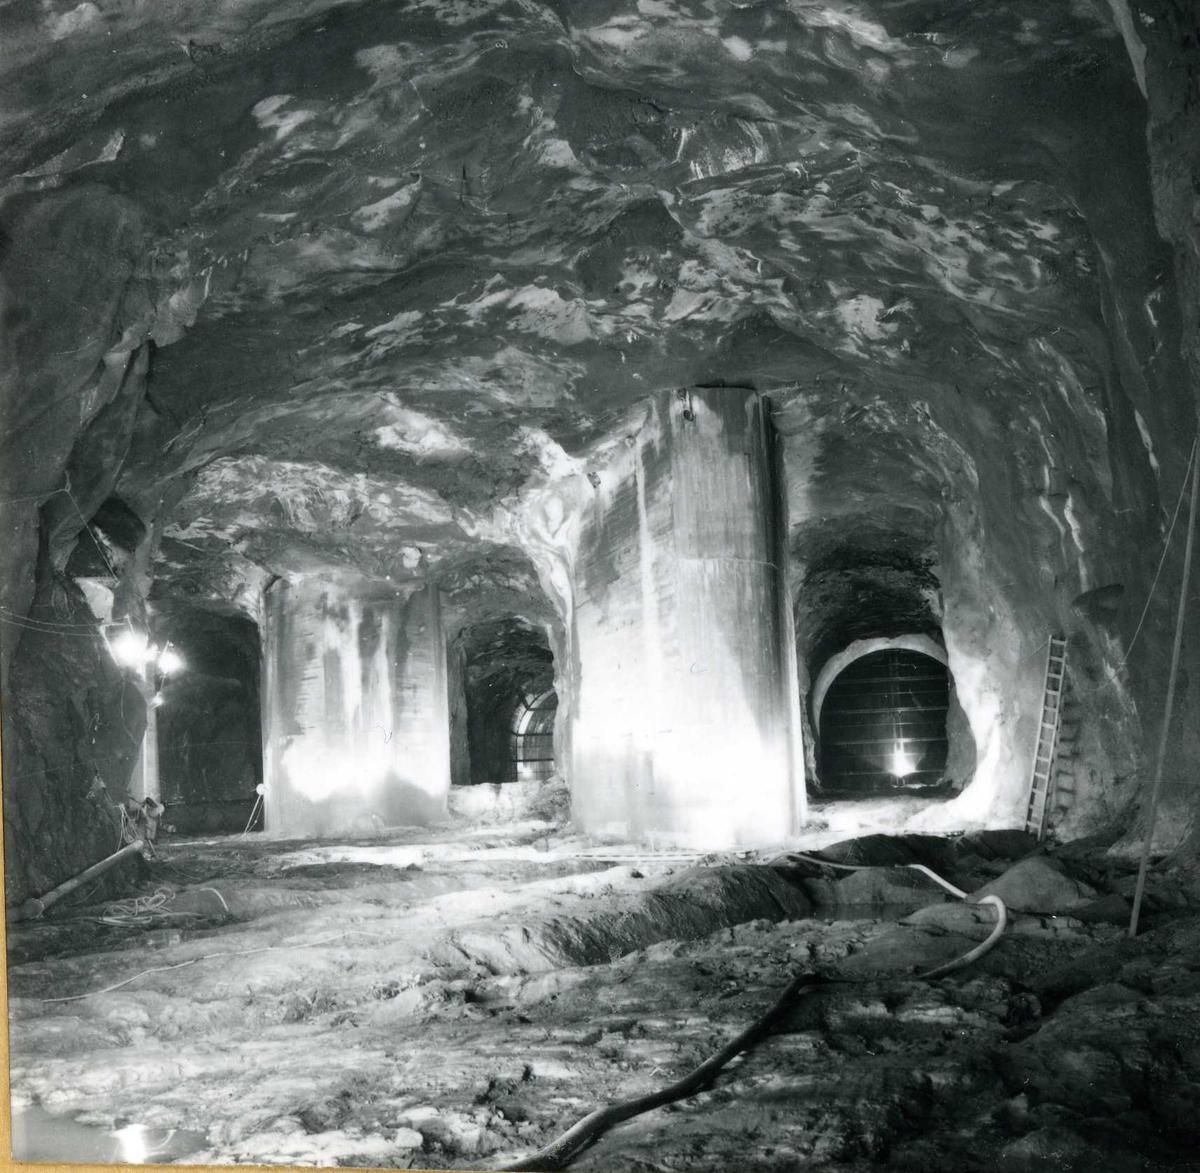 Tilløpstunnel frå Vesås. Tunnel innvendig, tre utlaup